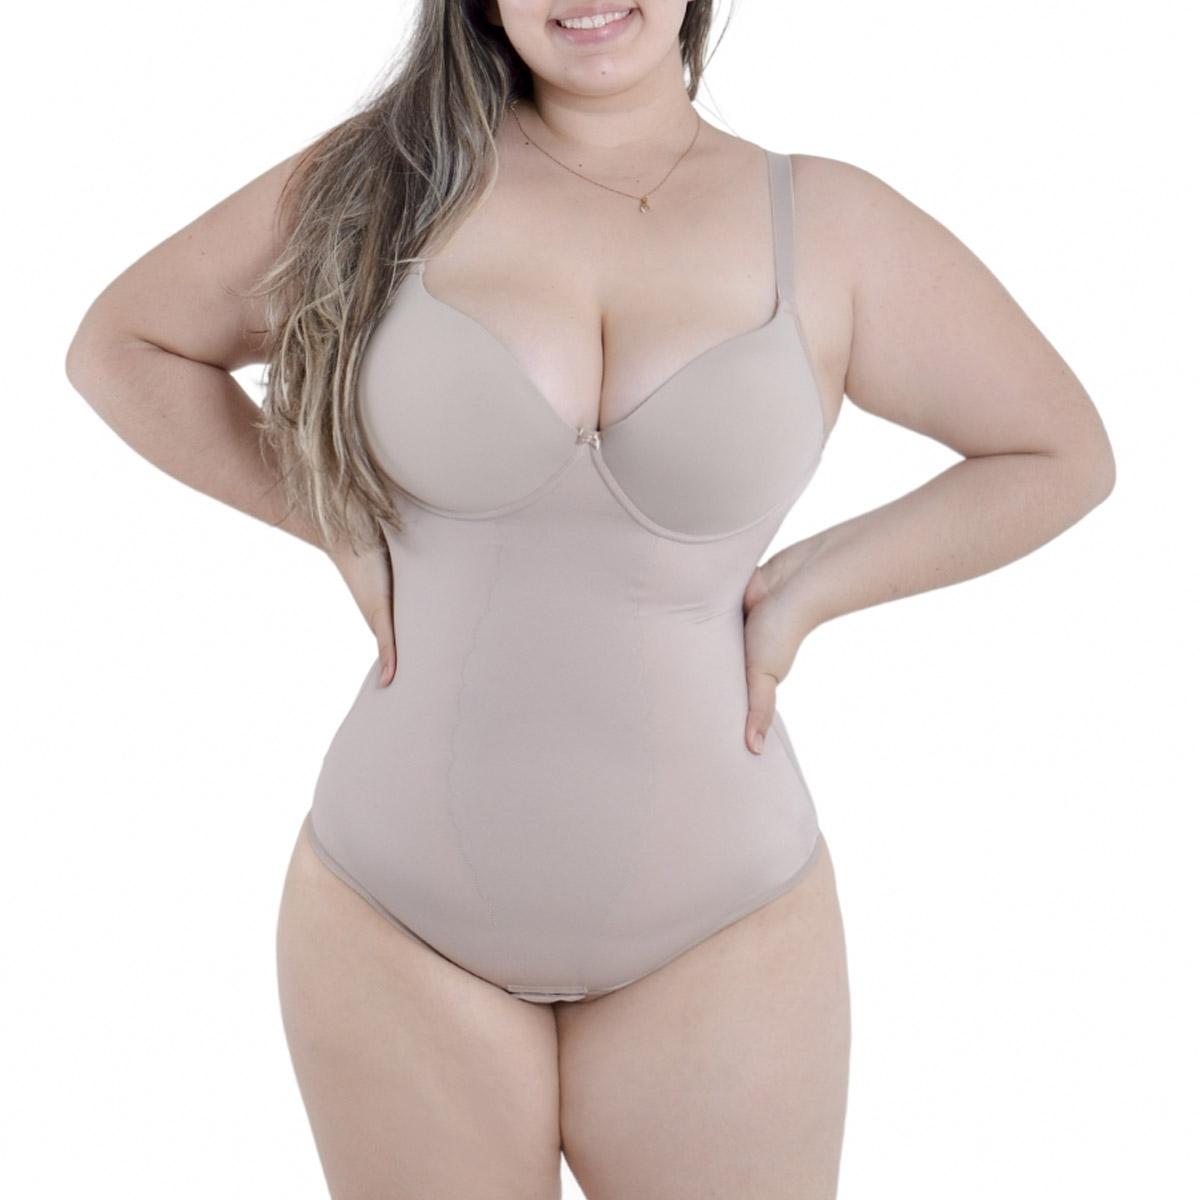 Cinta body modeladora com compressão e bojo Plus Size Vi Lingerie